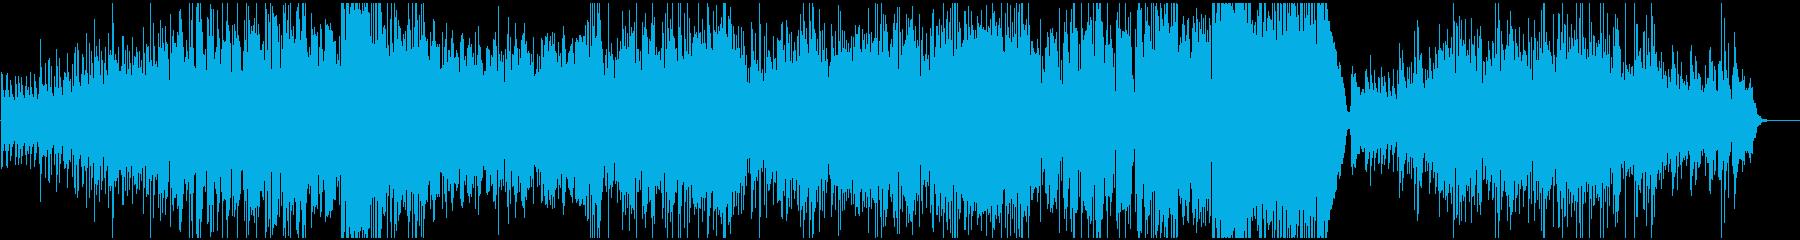 ジャズ、ミュートトランペットソロ、...の再生済みの波形